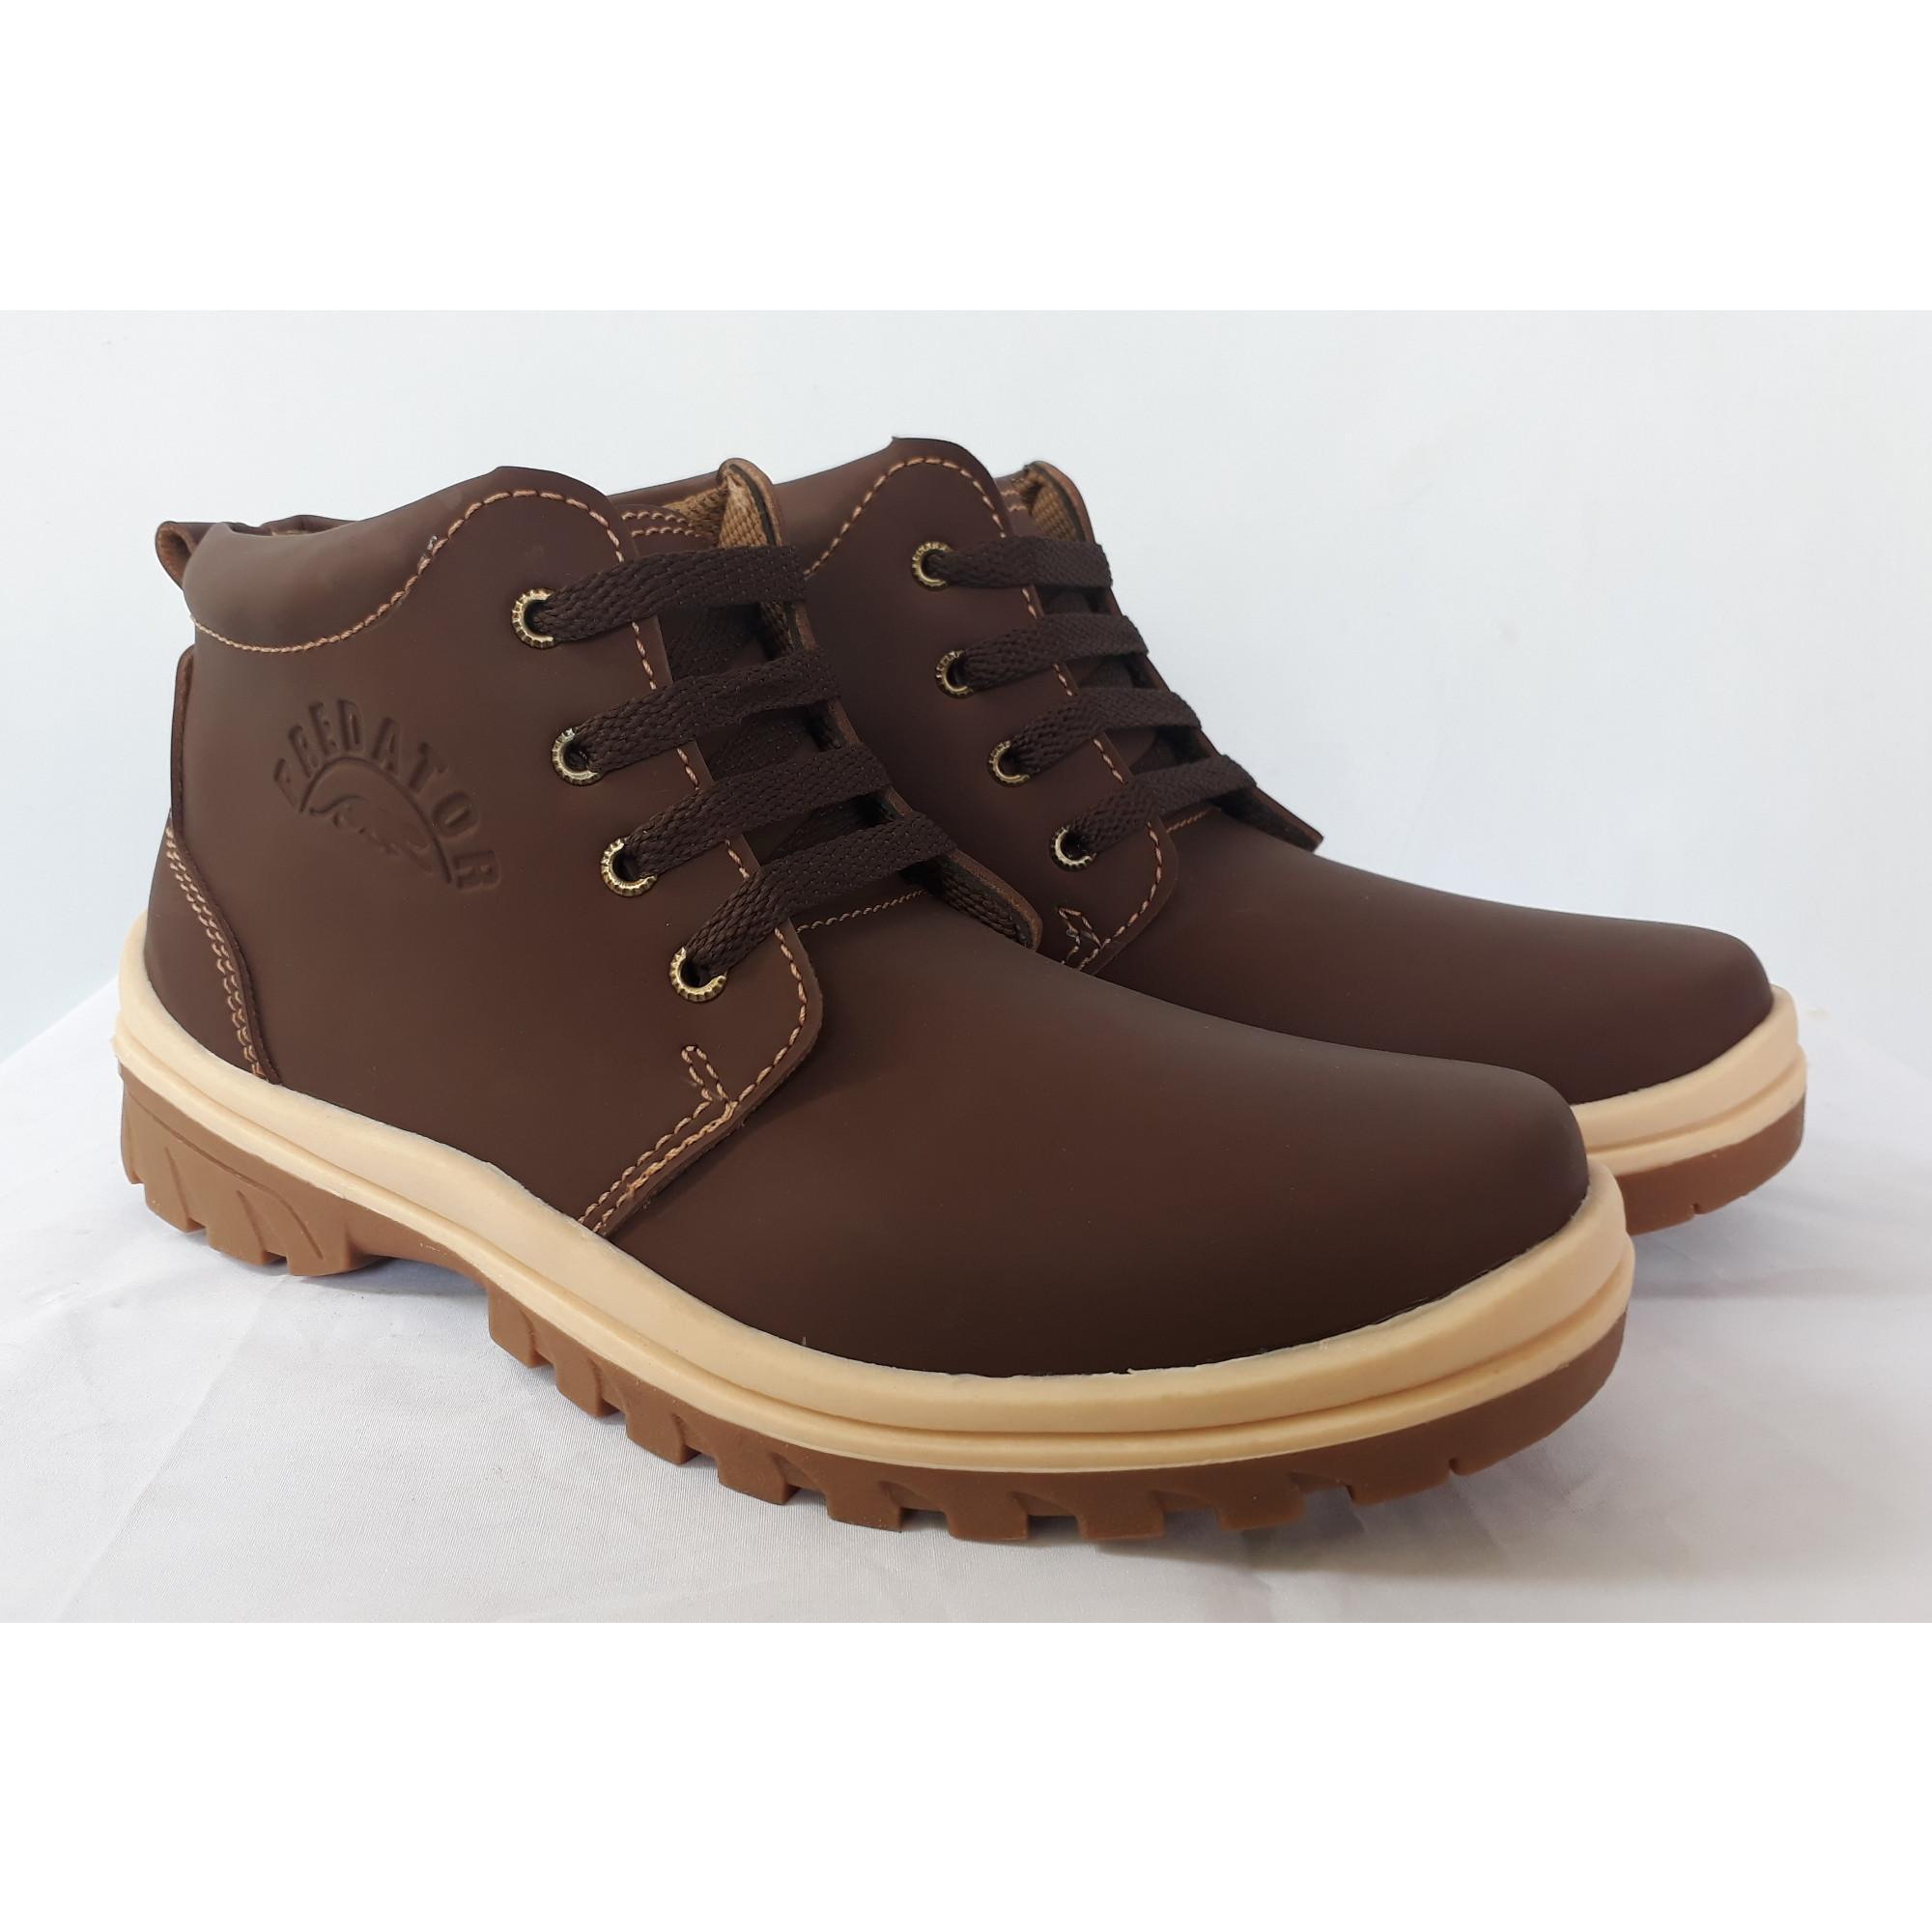 Sepatu Pria Safety Sepatu Boot Sepatu Bikers Pria Casual - Coklat Tua 3740e38341